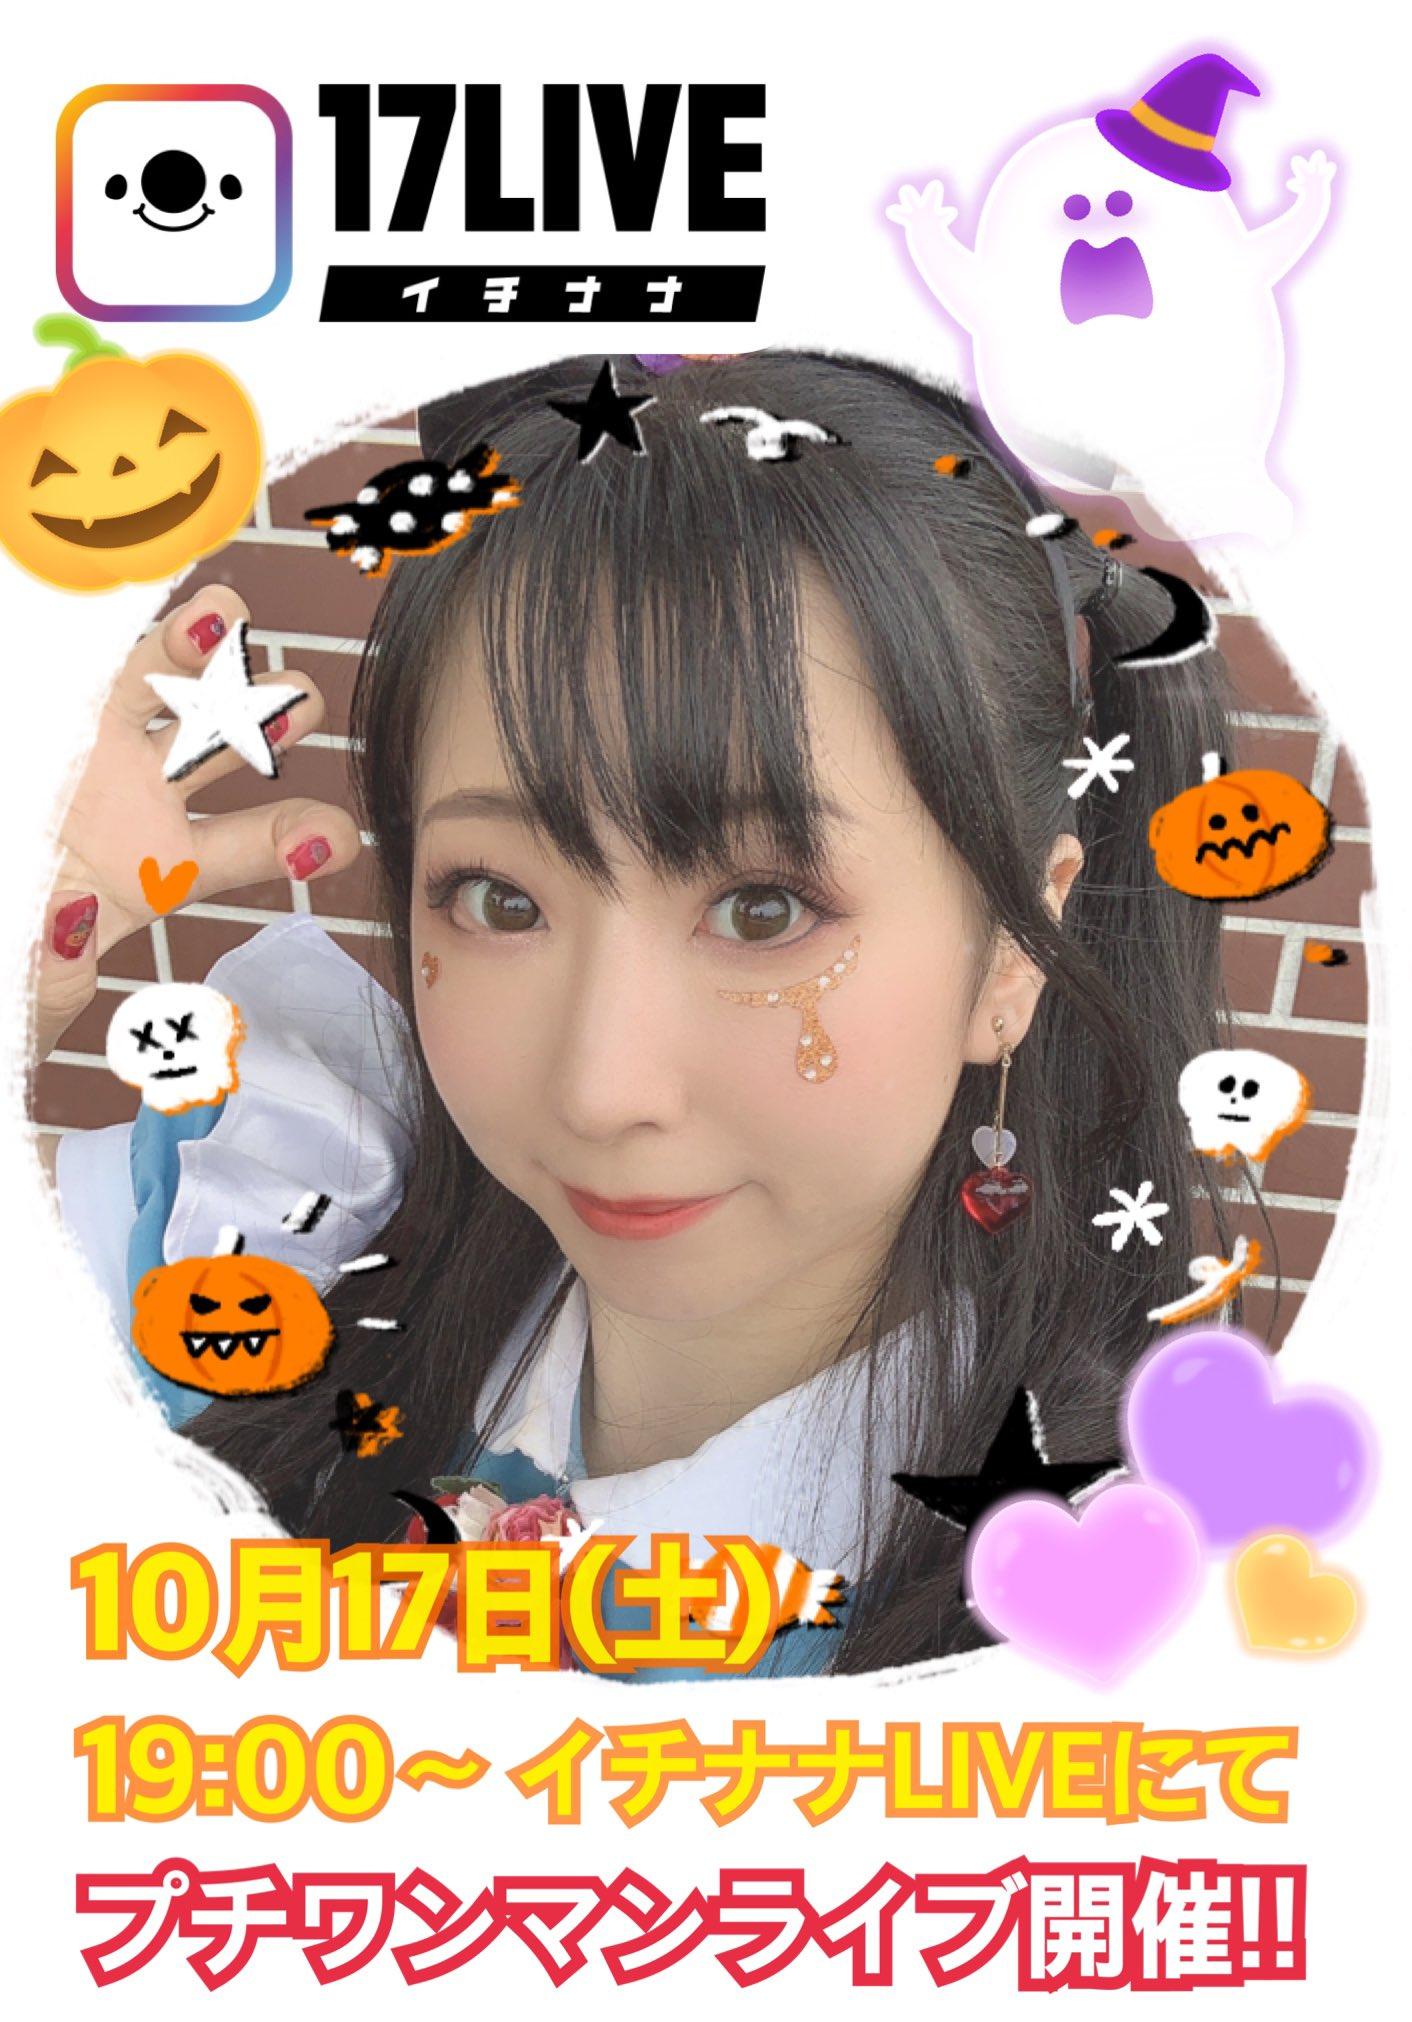 10月17日(土) 17LIVE(イチナナ)でプチワンマンライブを開催します!!!